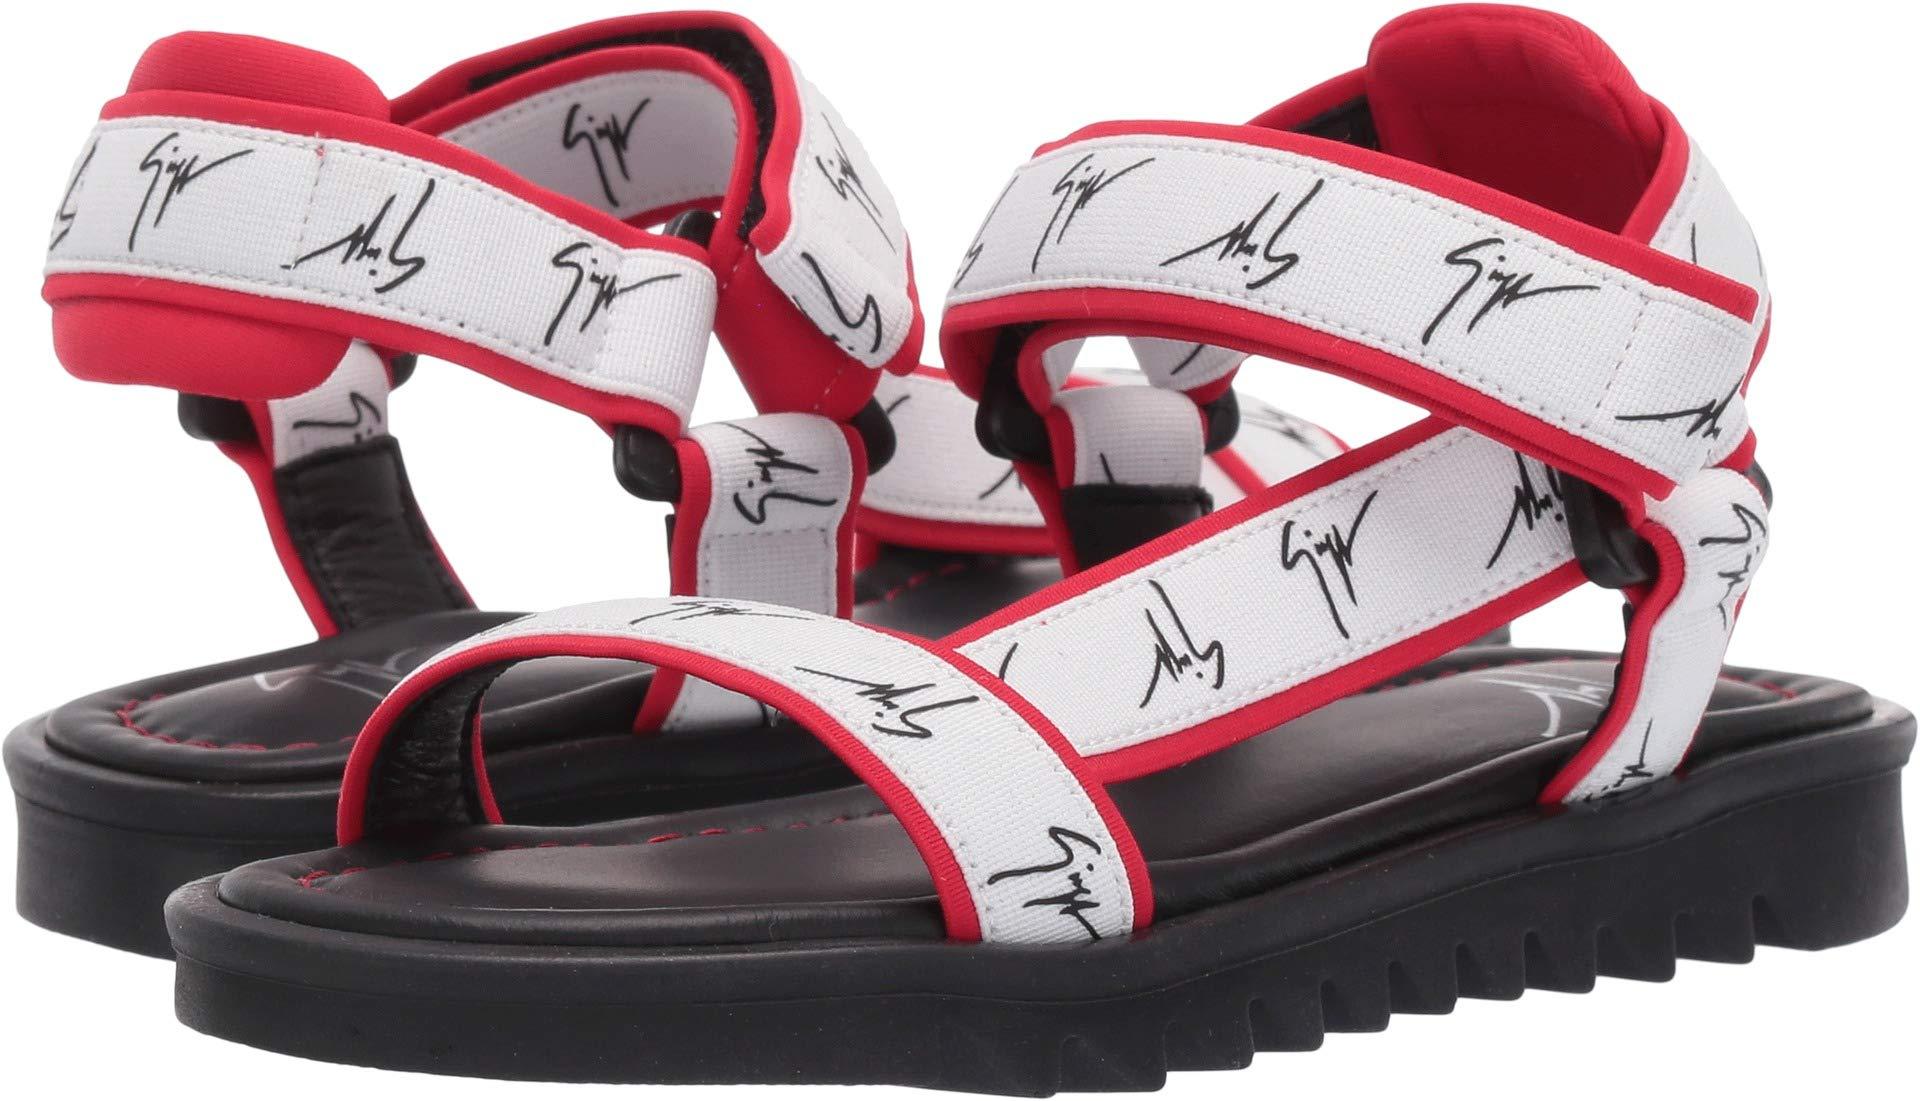 Giuseppe Zanotti Kids Unisex Bond Gomma Sandals (Toddler/Little Kid) Black/Red 27 M EU